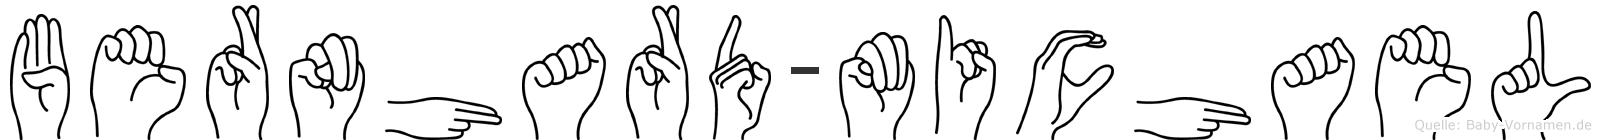 Bernhard-Michael im Fingeralphabet der Deutschen Gebärdensprache